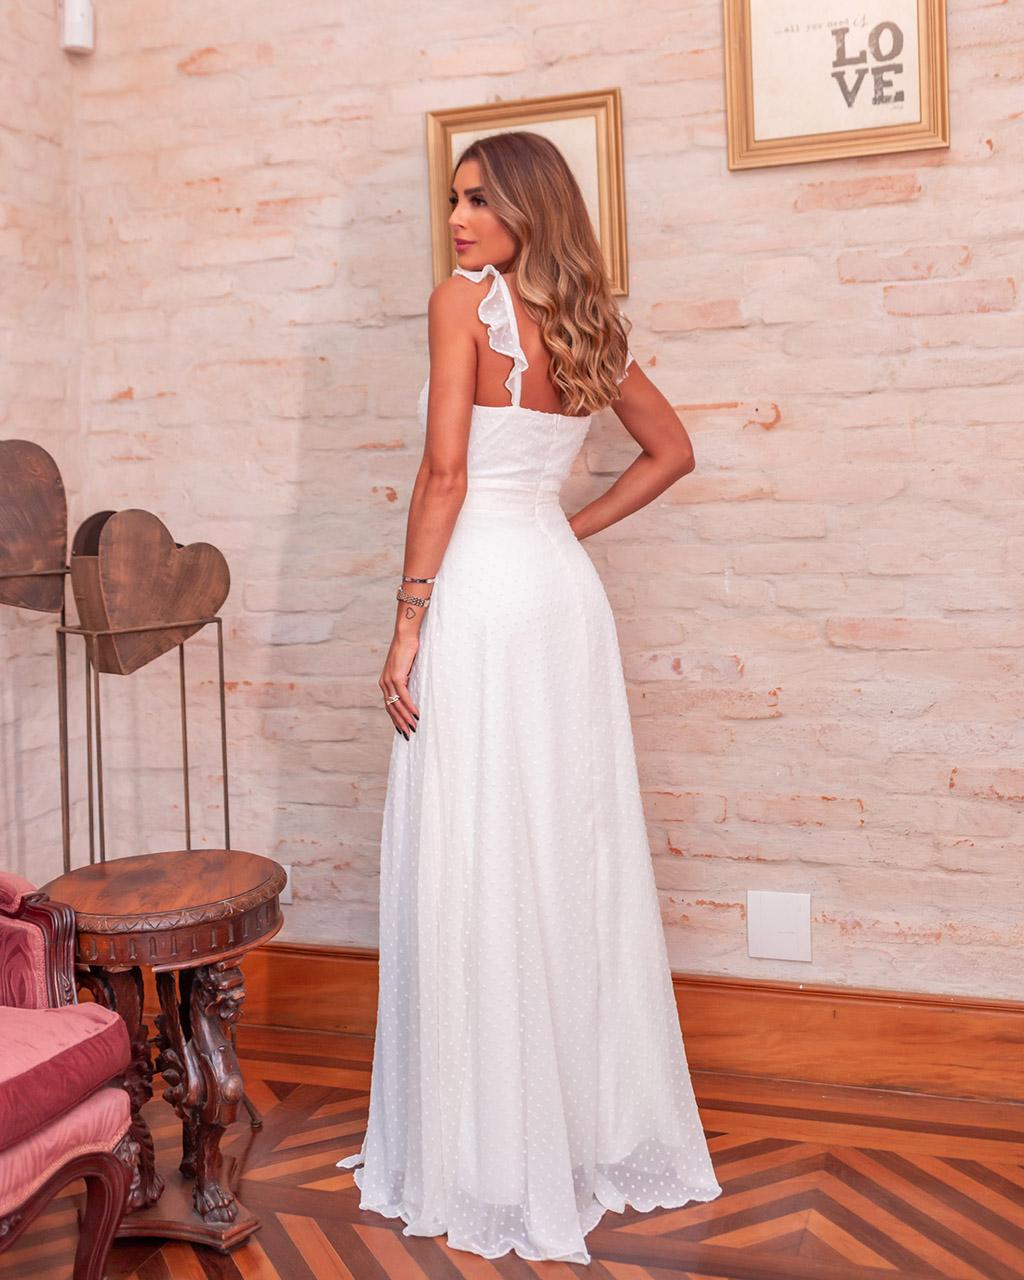 Vestido Dalila  - Empório NM